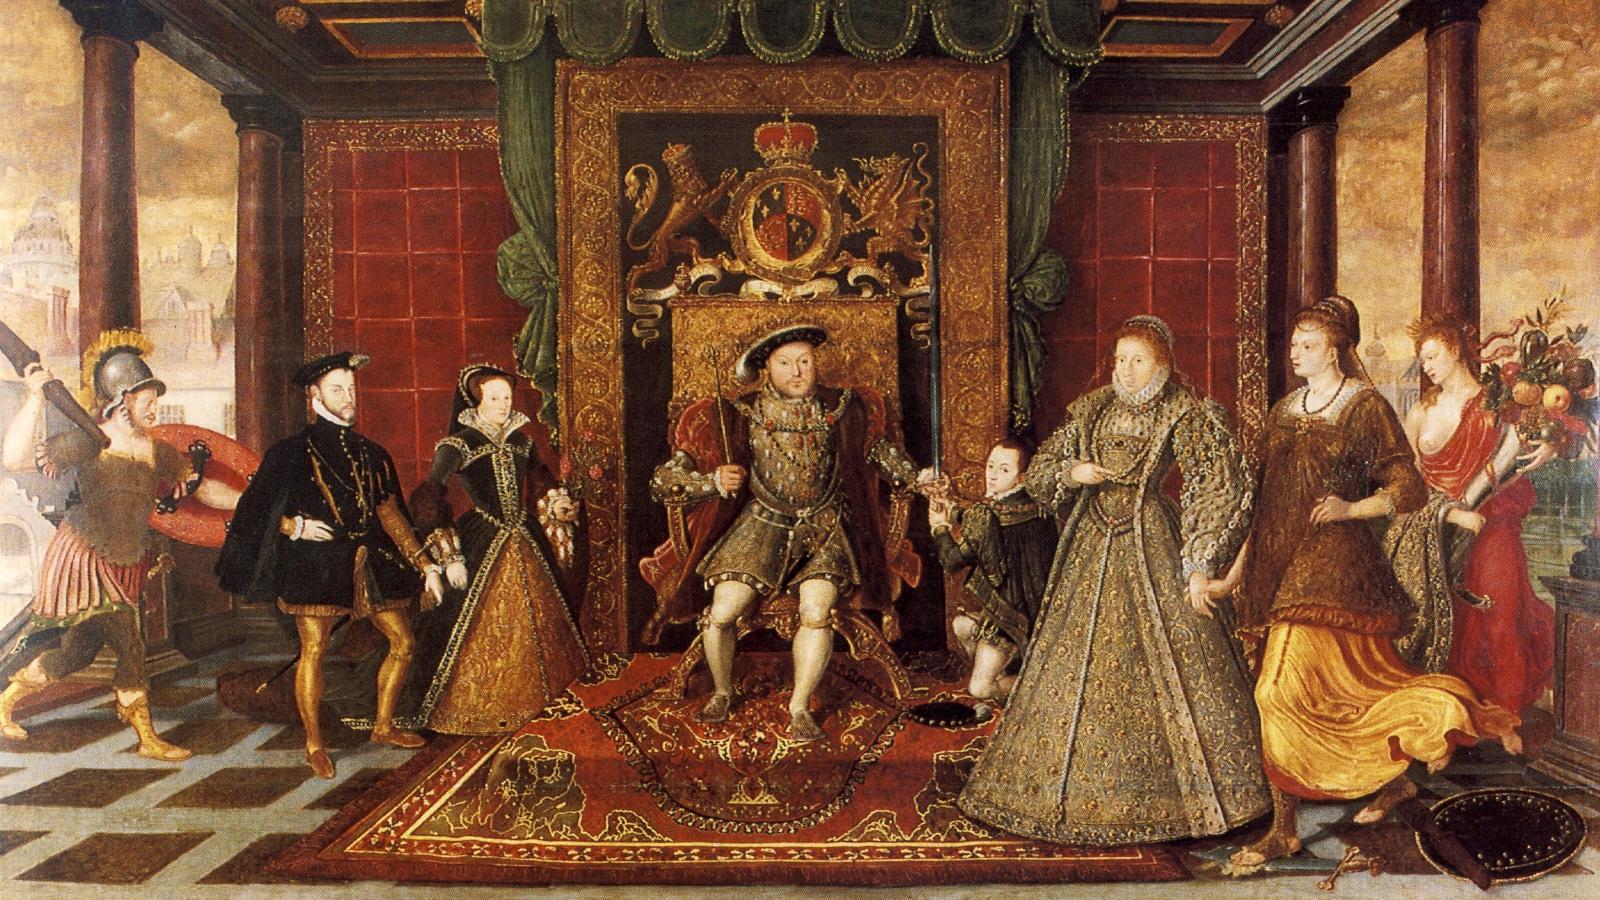 VIII. Henrik angol király vezető miniszteréről, Thomas Cromwellről (1485-1540) mindenki tudta, hogy az udvarban ő az, aki leginkább imád bulizni. Partijai legendásak voltak, tonnaszámra szórta a pénzt, hogy a vedégeit szórakoztassa – egyszer 4 ezer korabeli fontot fizetett egy szabónak egy rendkívül bonyolult, maszkos kosztümért, csak hogy lenyűgözze vele a királyt. (Wikipedia)